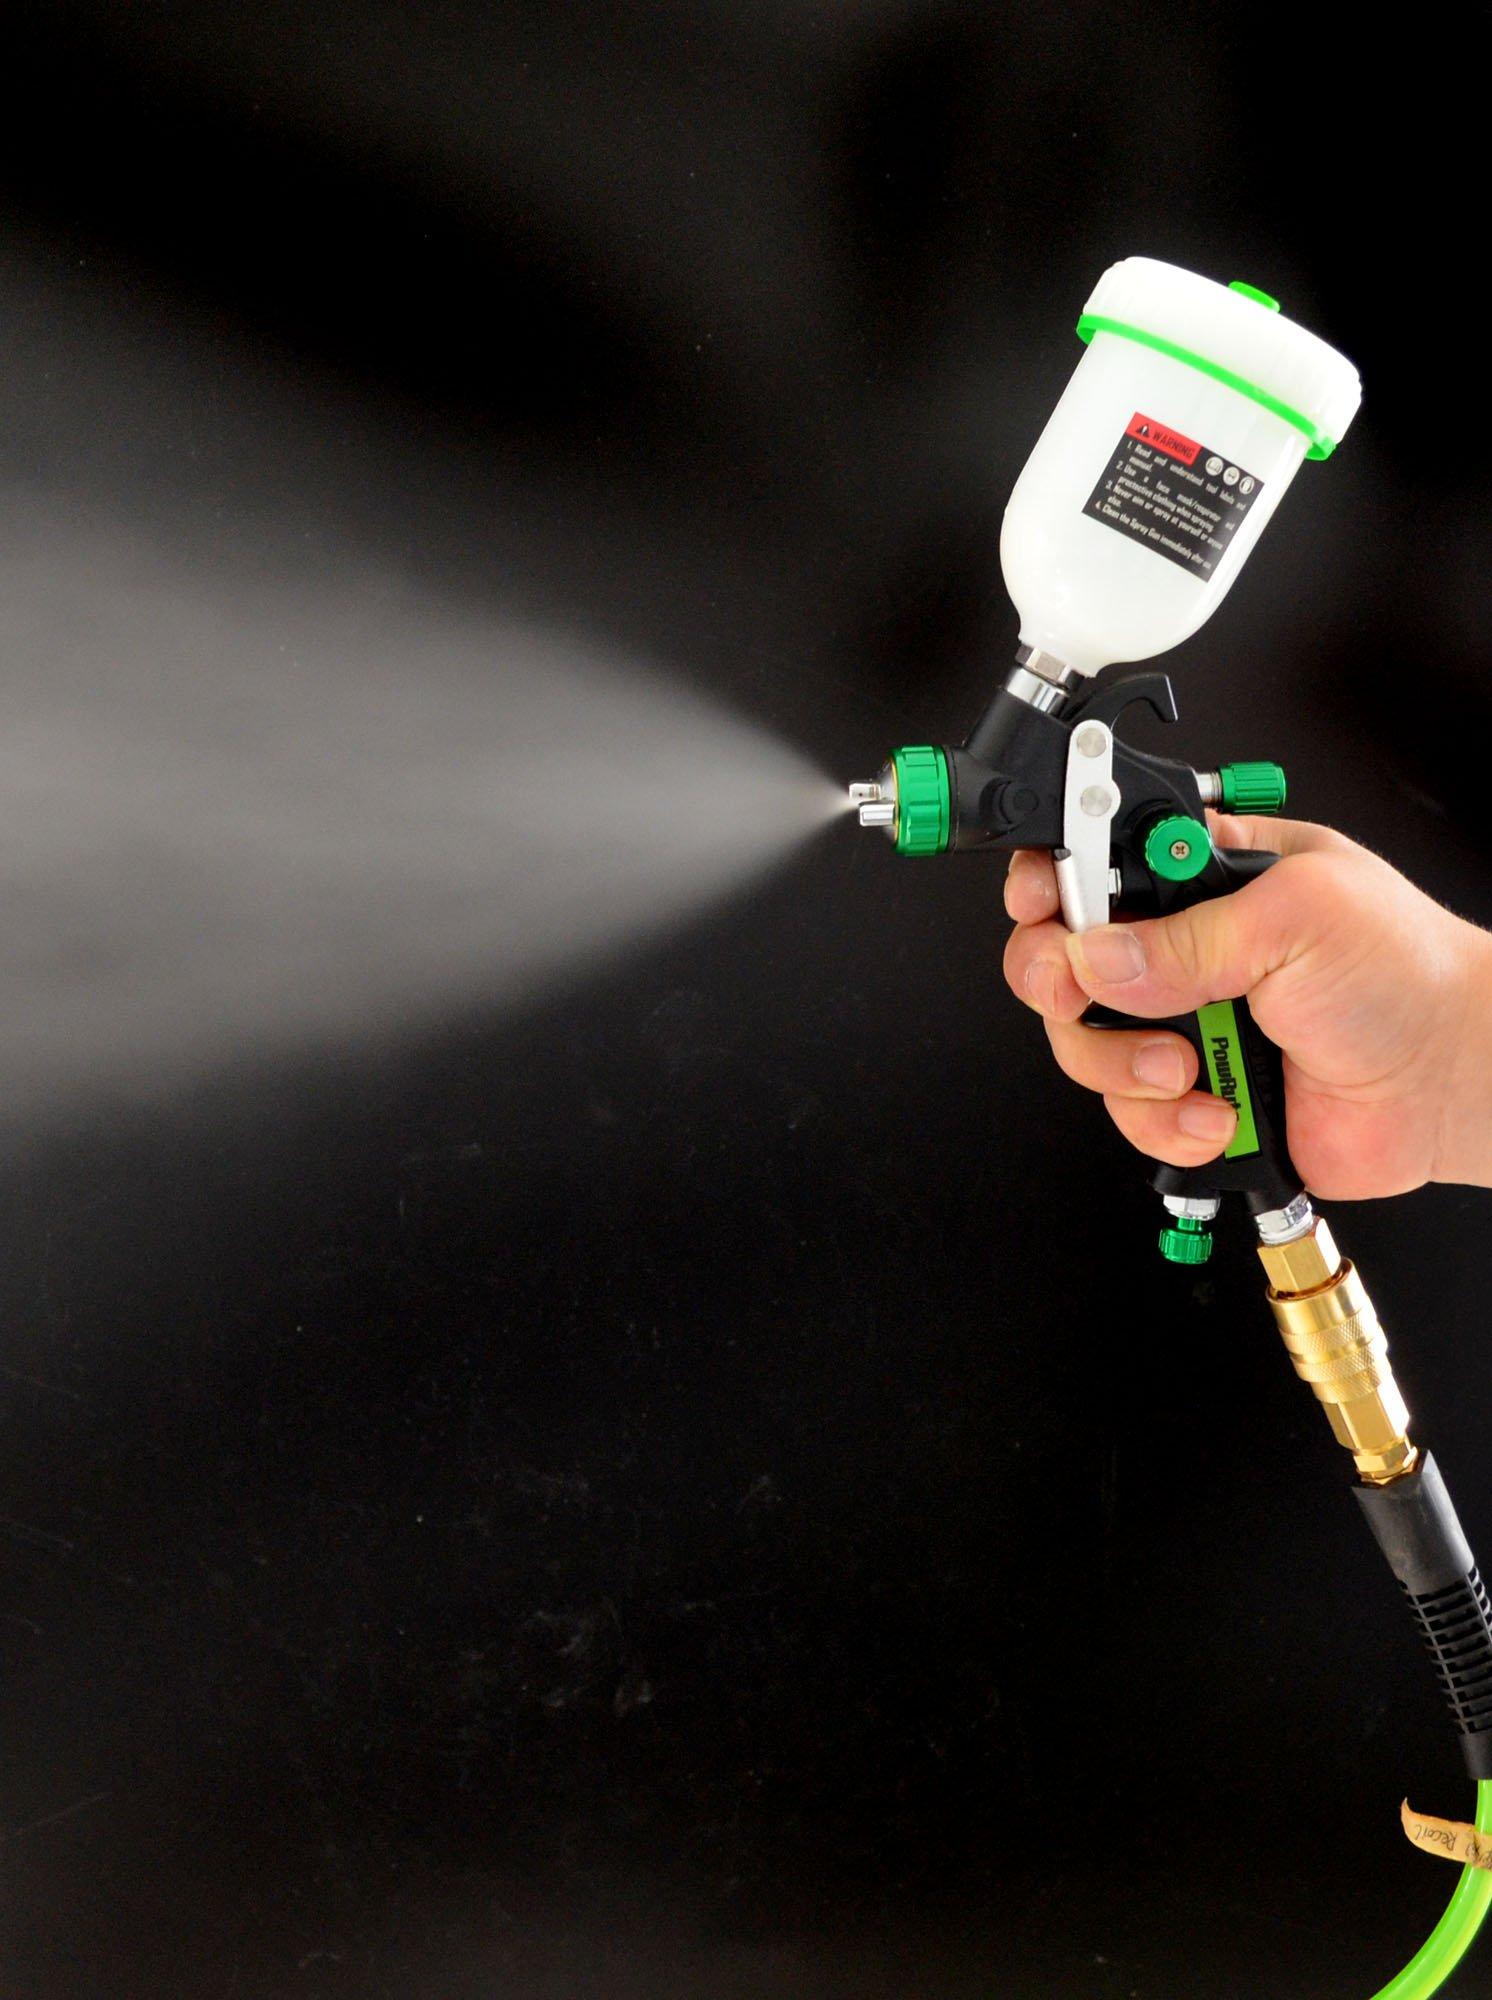 PowRyte Elite 4.2 Oz Composite Mini HVLP Gravity Feed Air Spray Gun - 0.8mm Nozzle by PowRyte (Image #7)